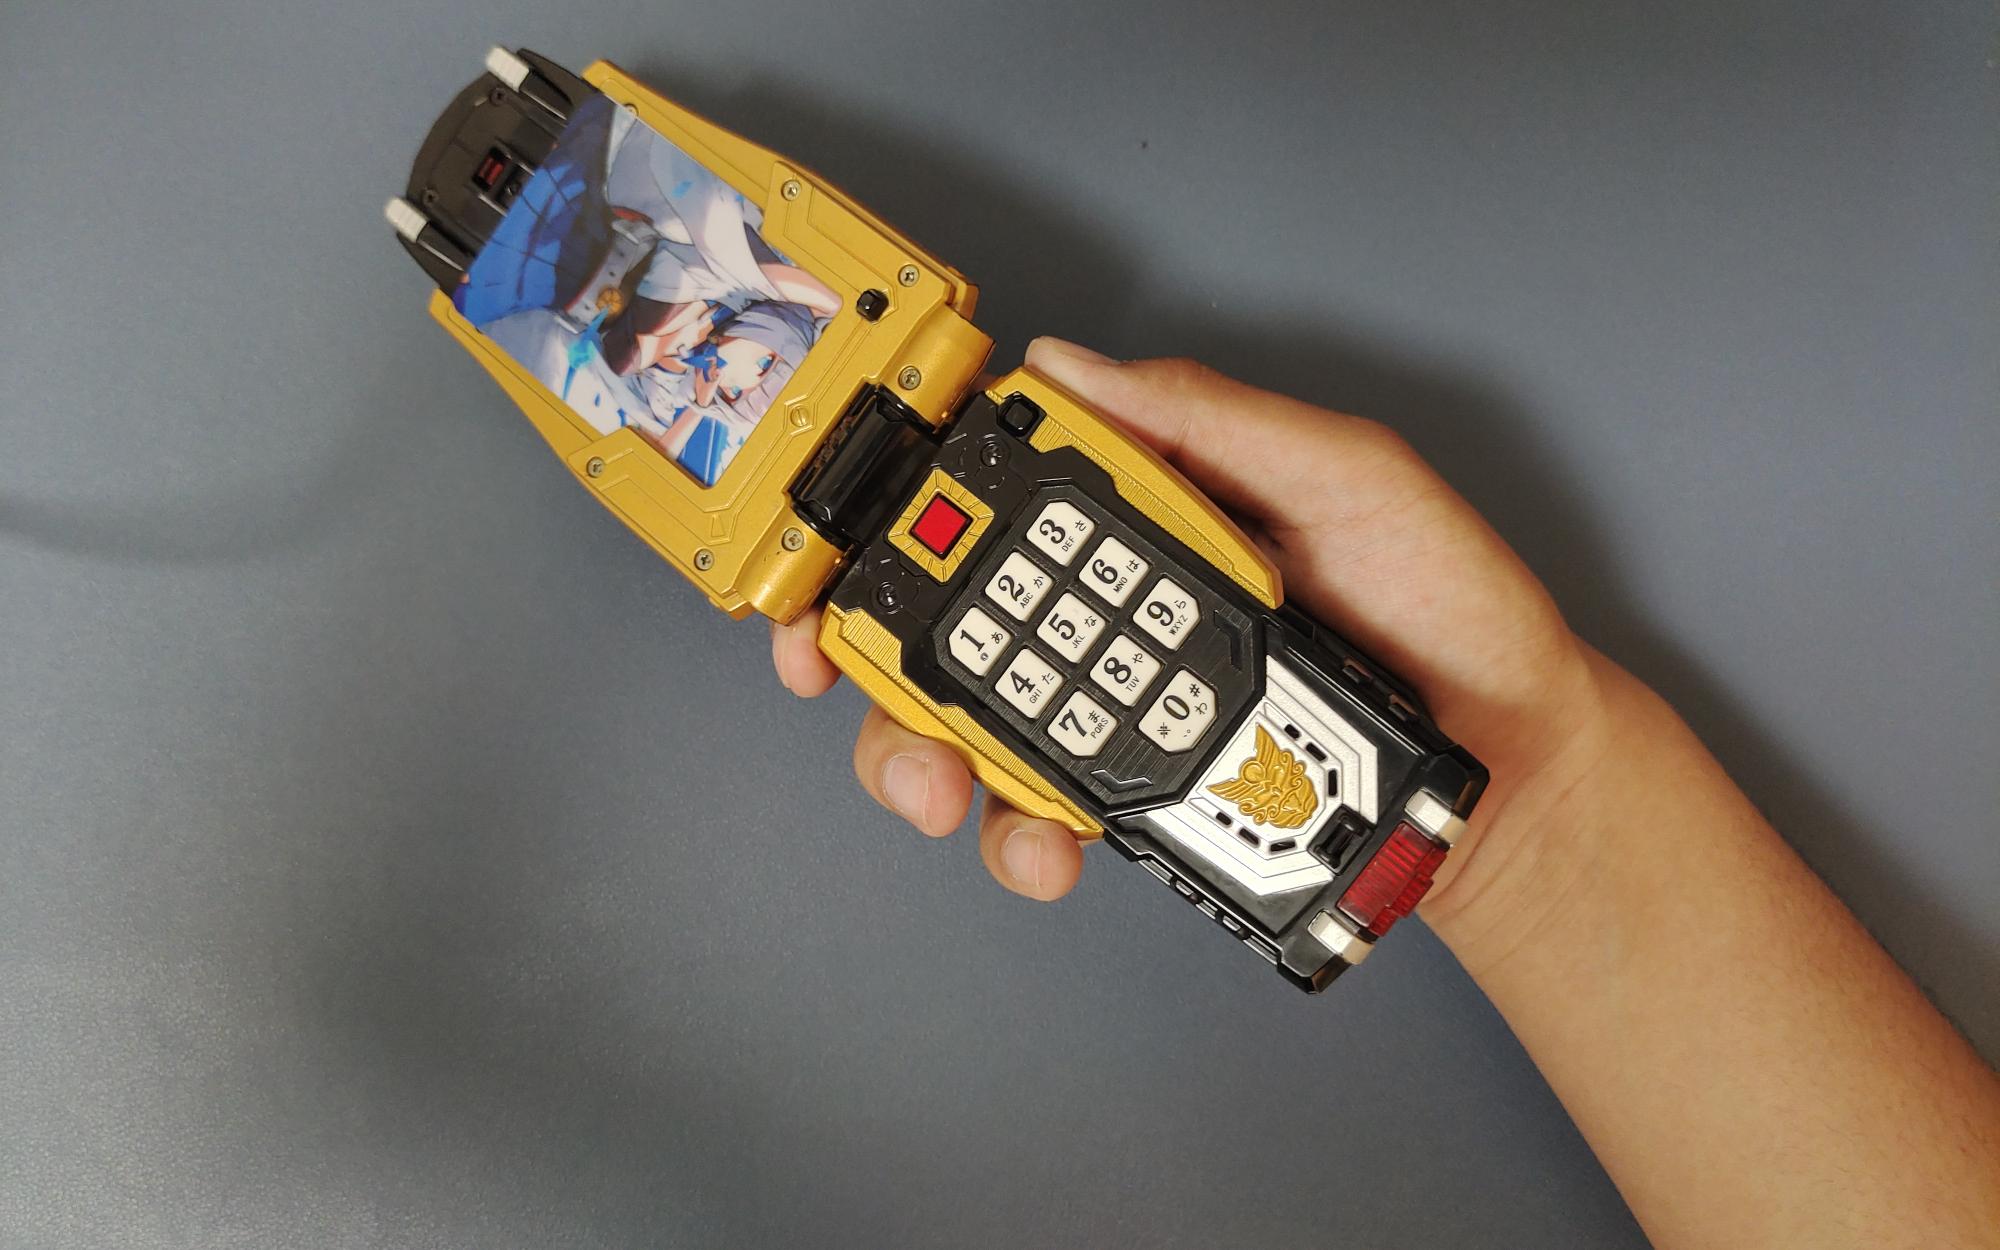 只要是张卡都能读?! 万代DX天装战队护星者护星骑士 狮子手机【水视频日常】